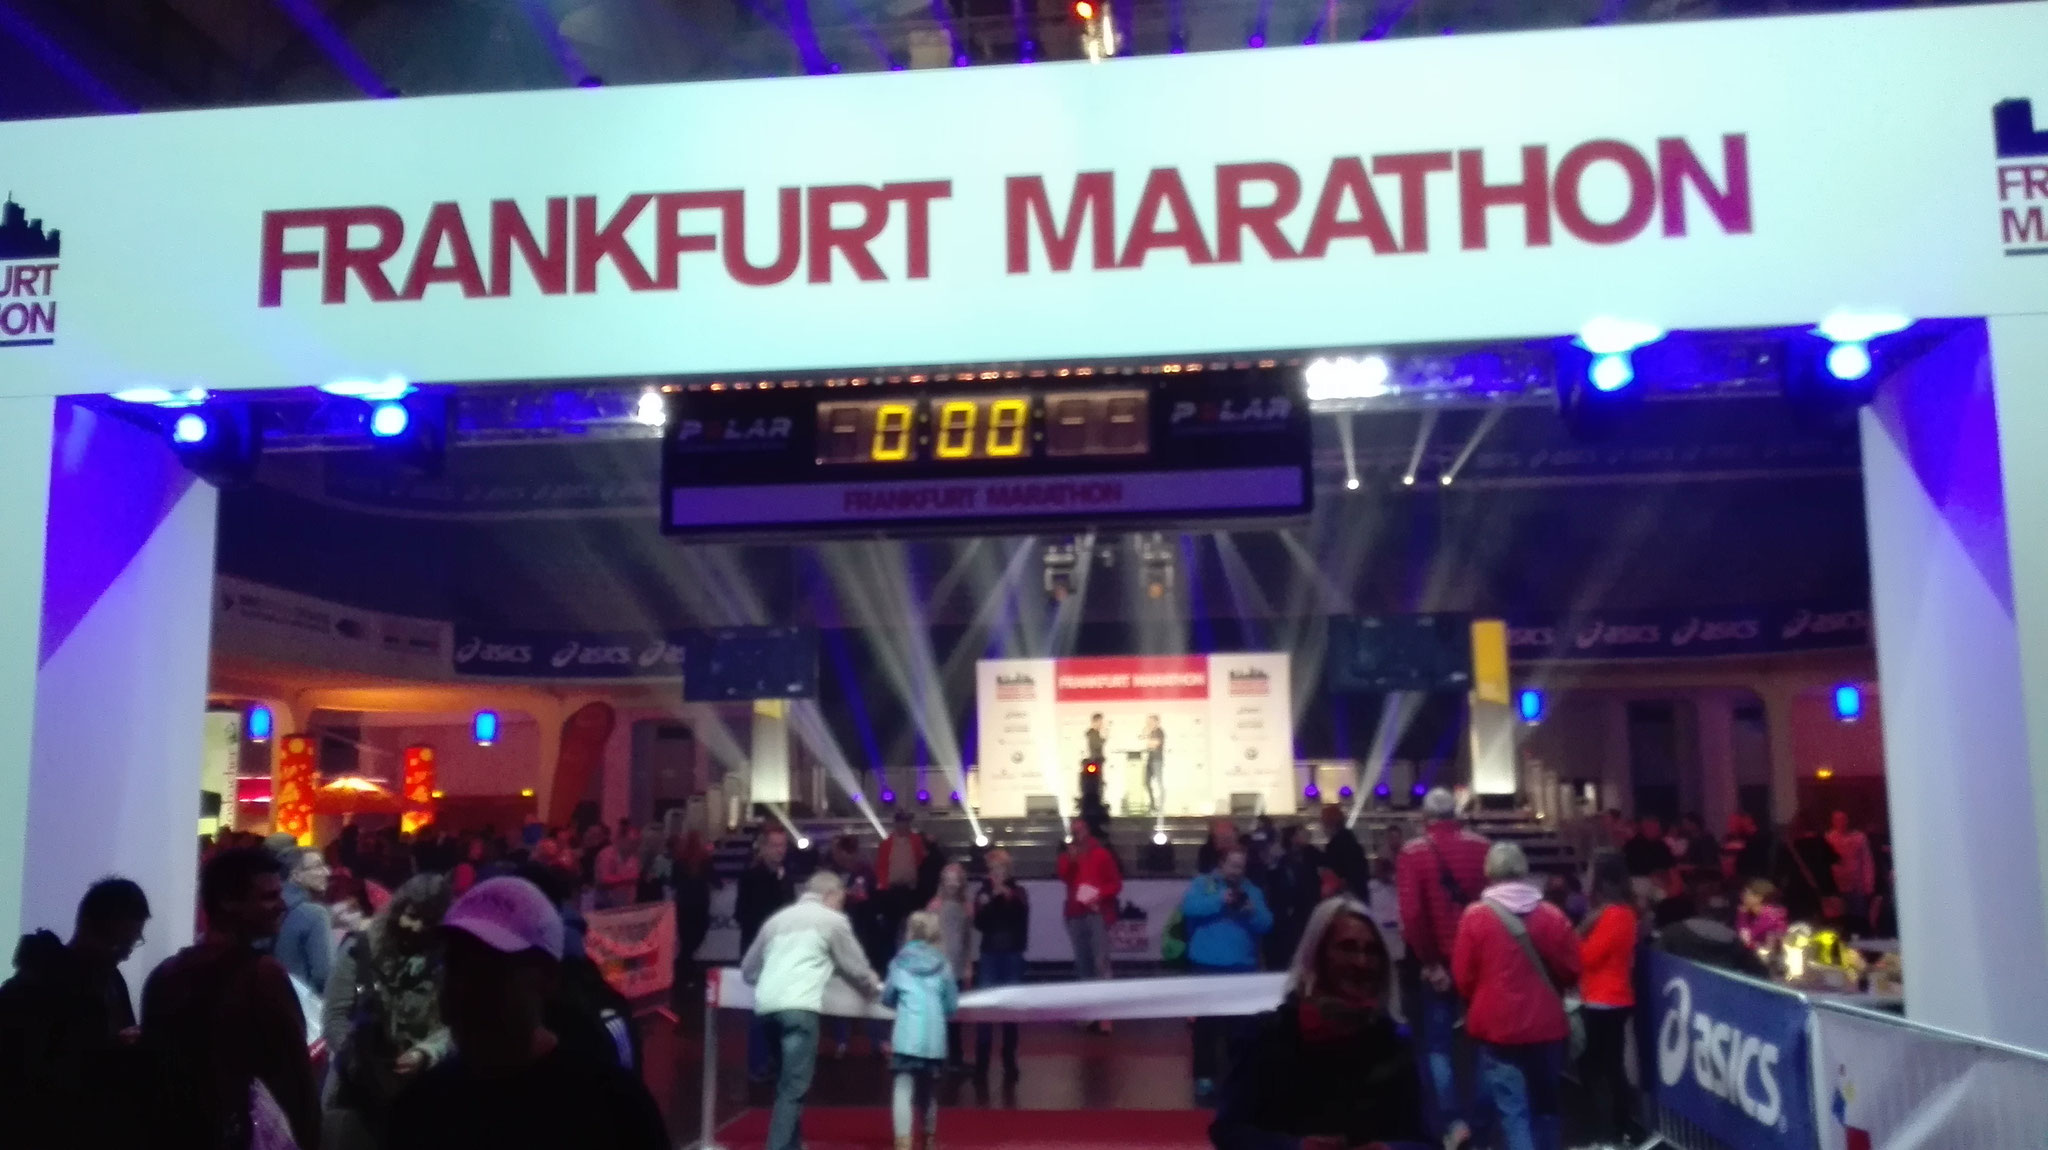 Frankfurt Marathon-Festhalle